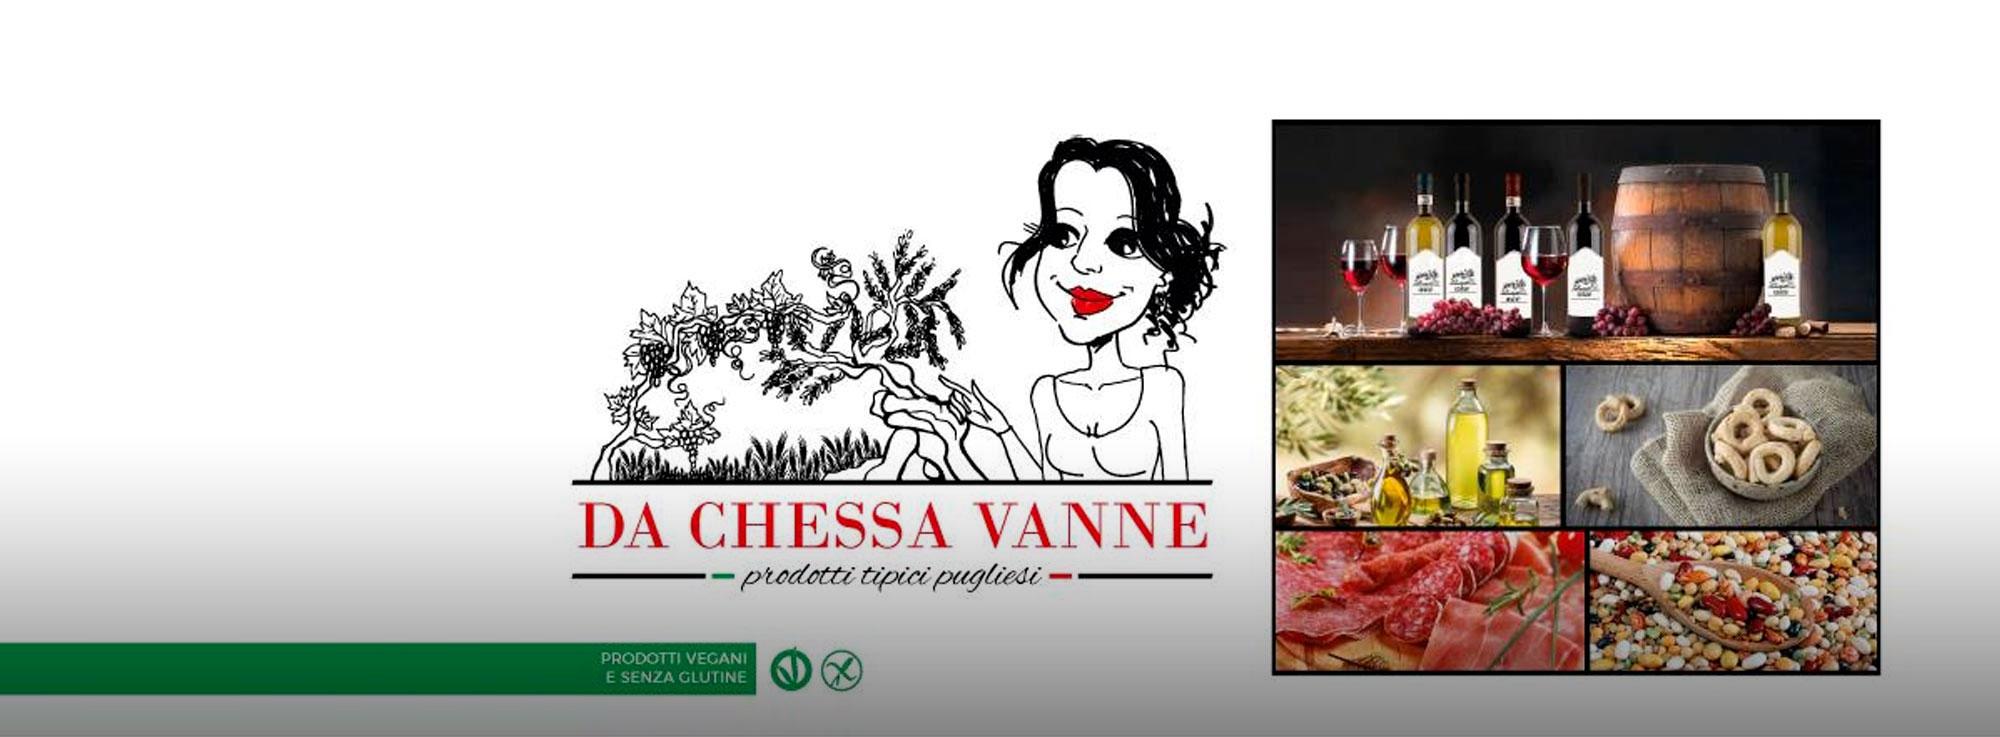 Da Chessa Vanne Bari